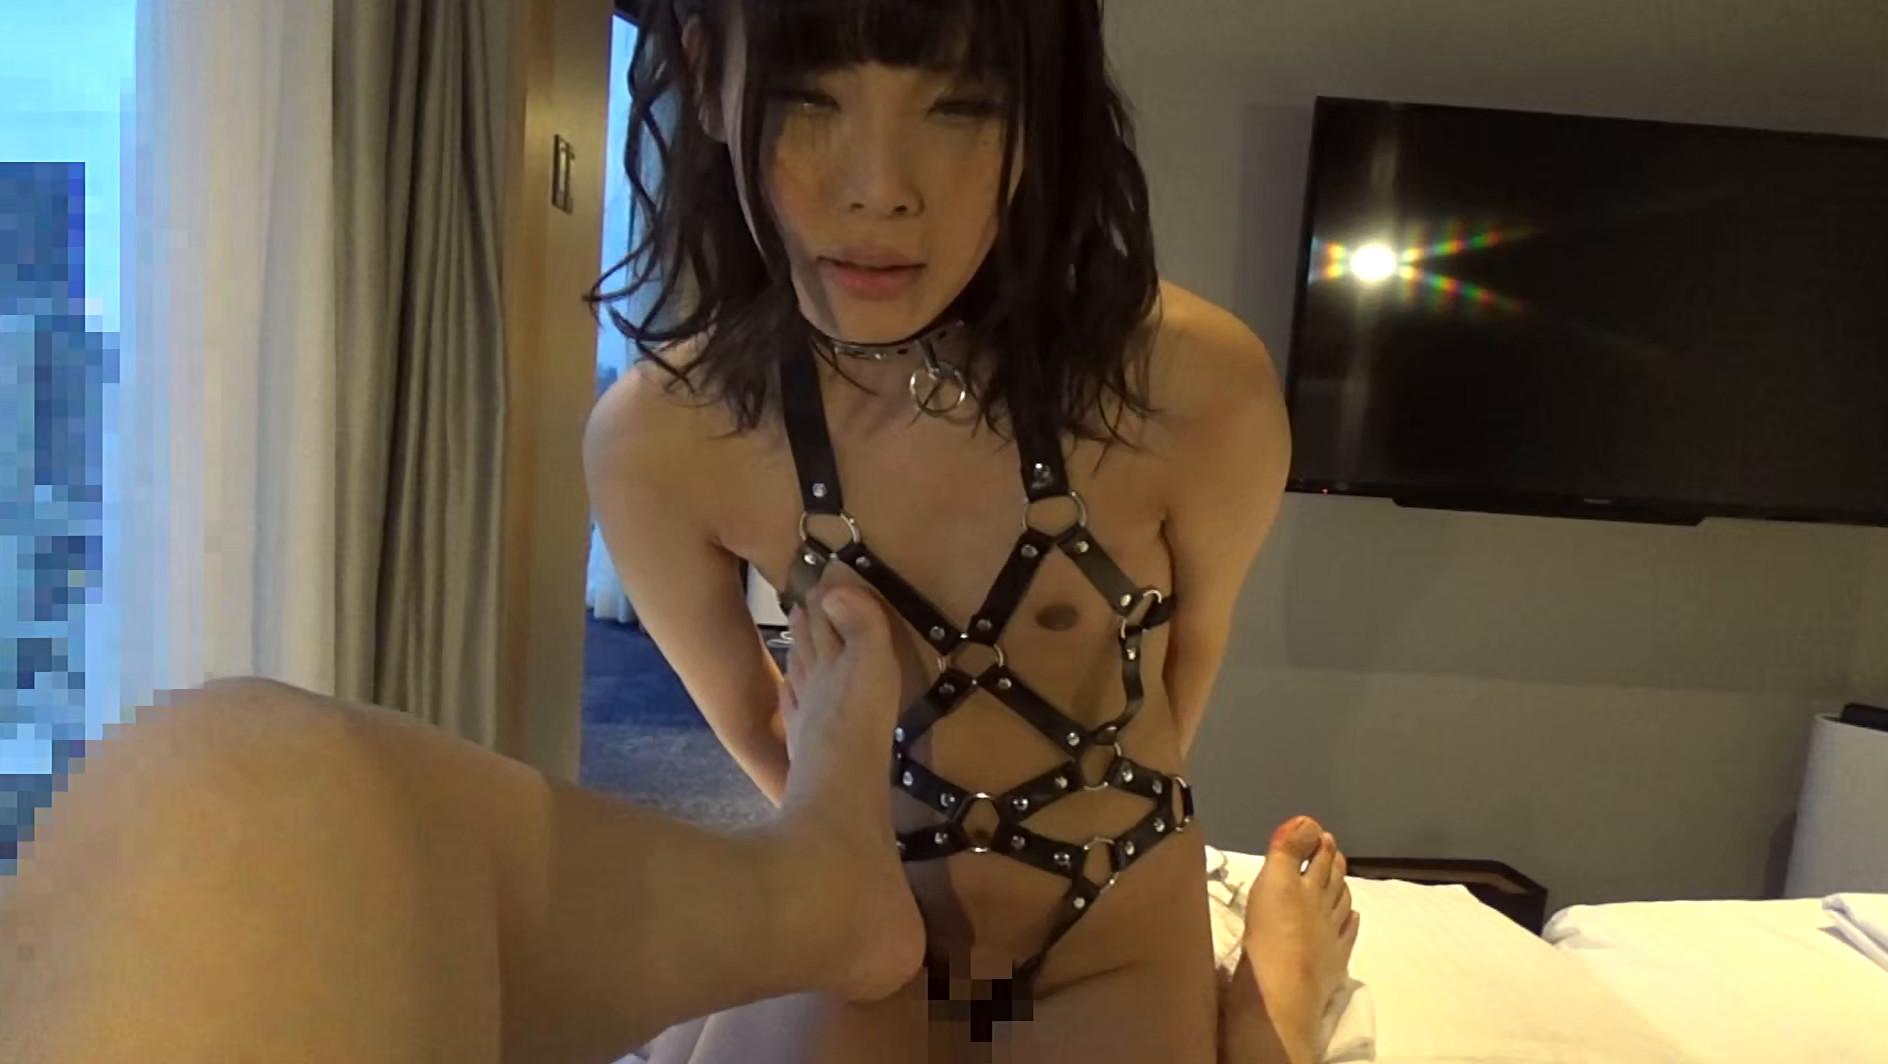 カチクオトコノコ 3 美形トランス淫乱ペット【ベアトリクス】 画像18